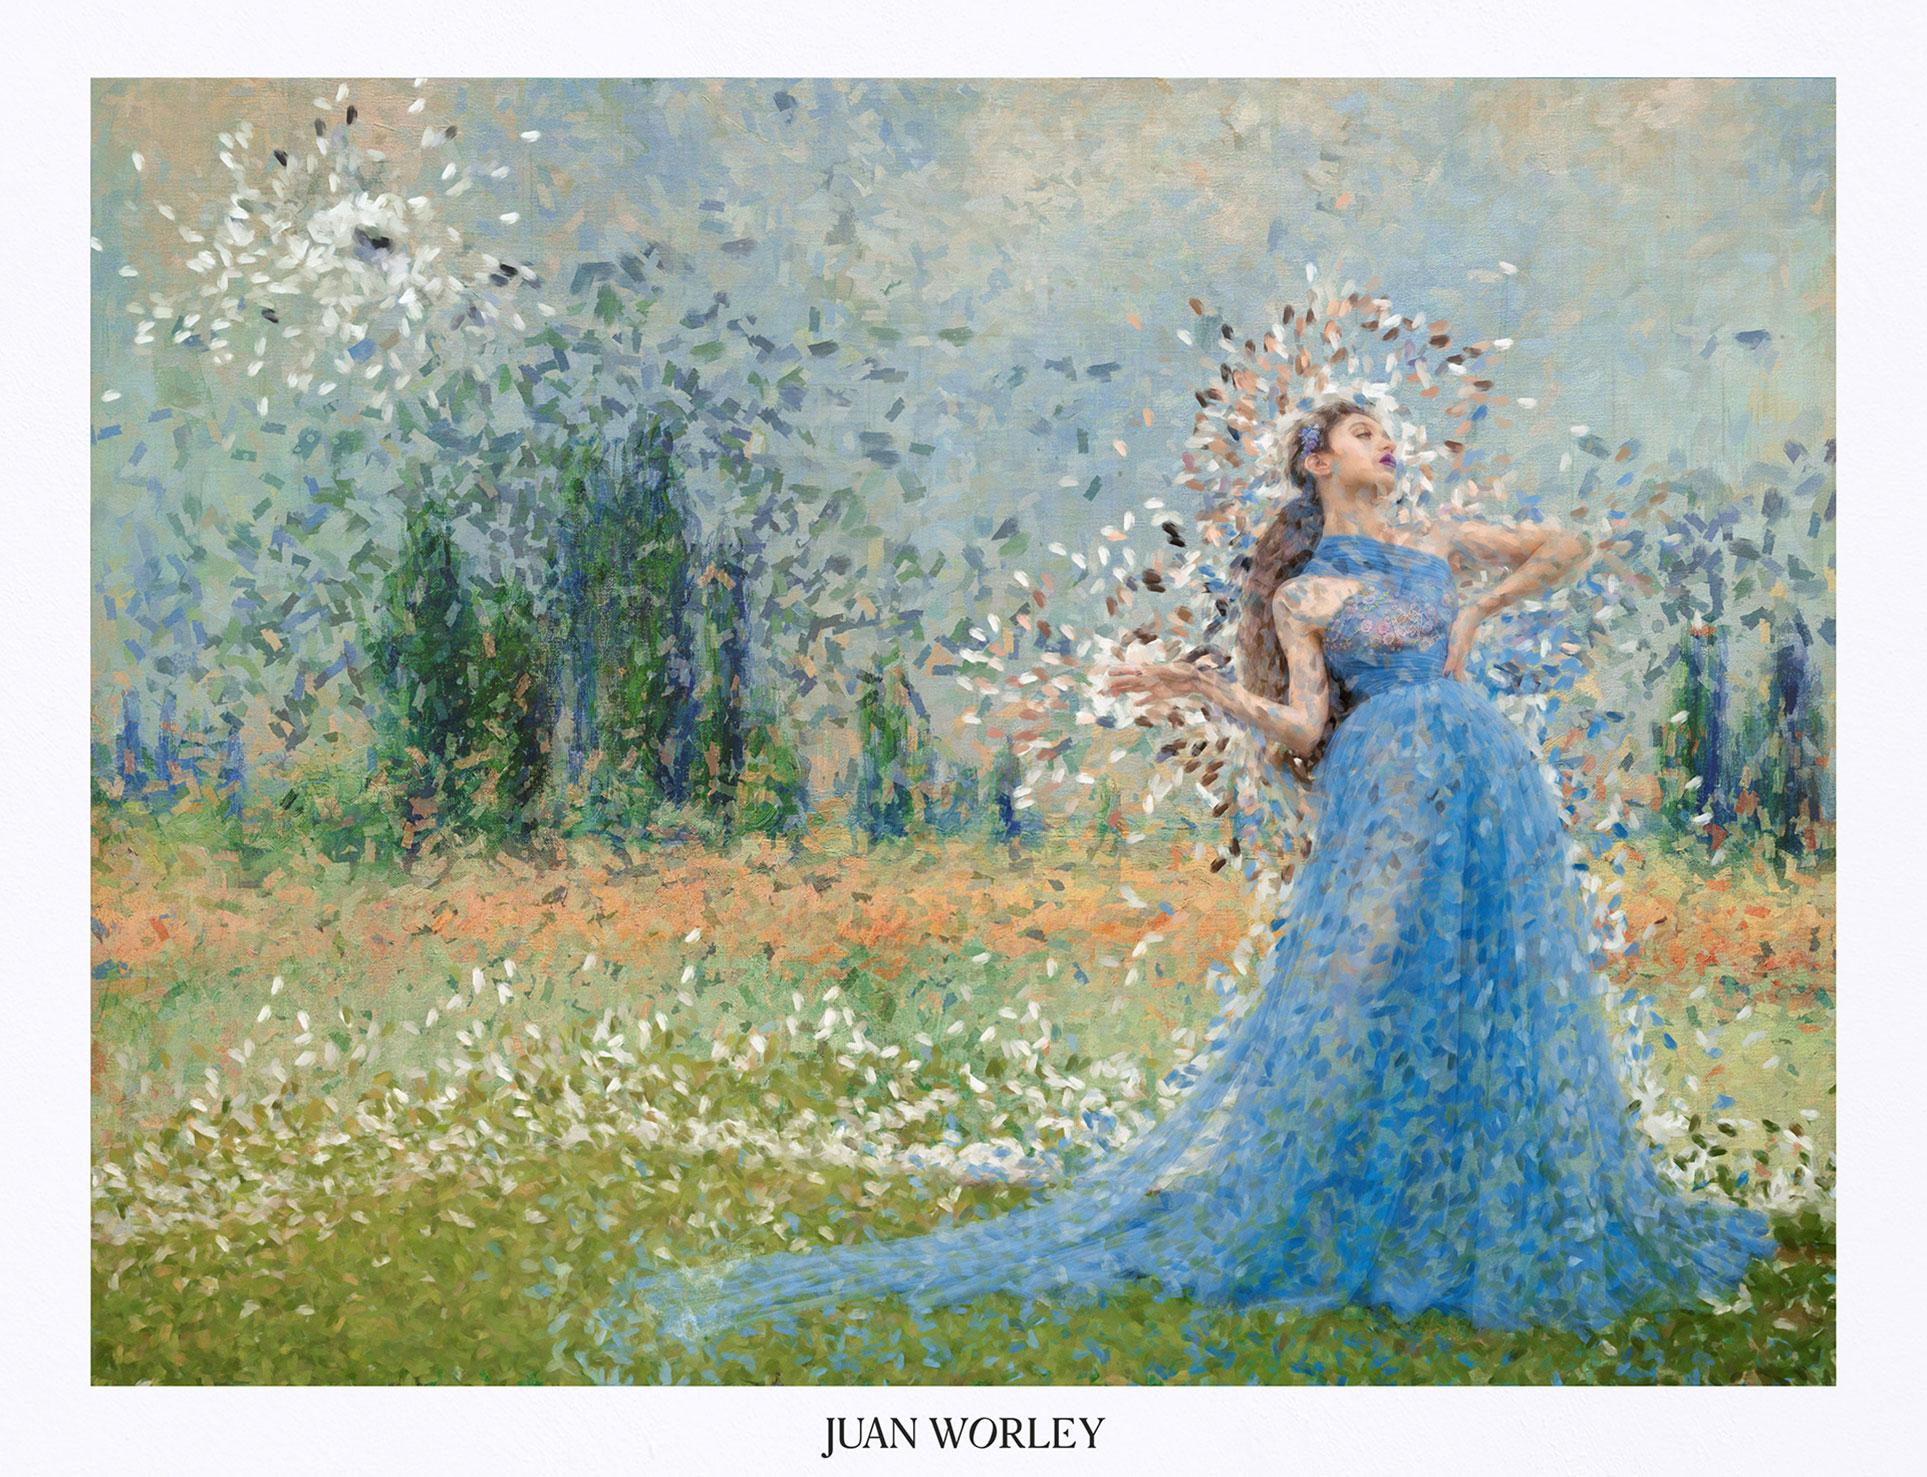 Рекламная кампания модной коллекции Juan Worley Cruise 2020 в стиле живописи Моне / фото 01